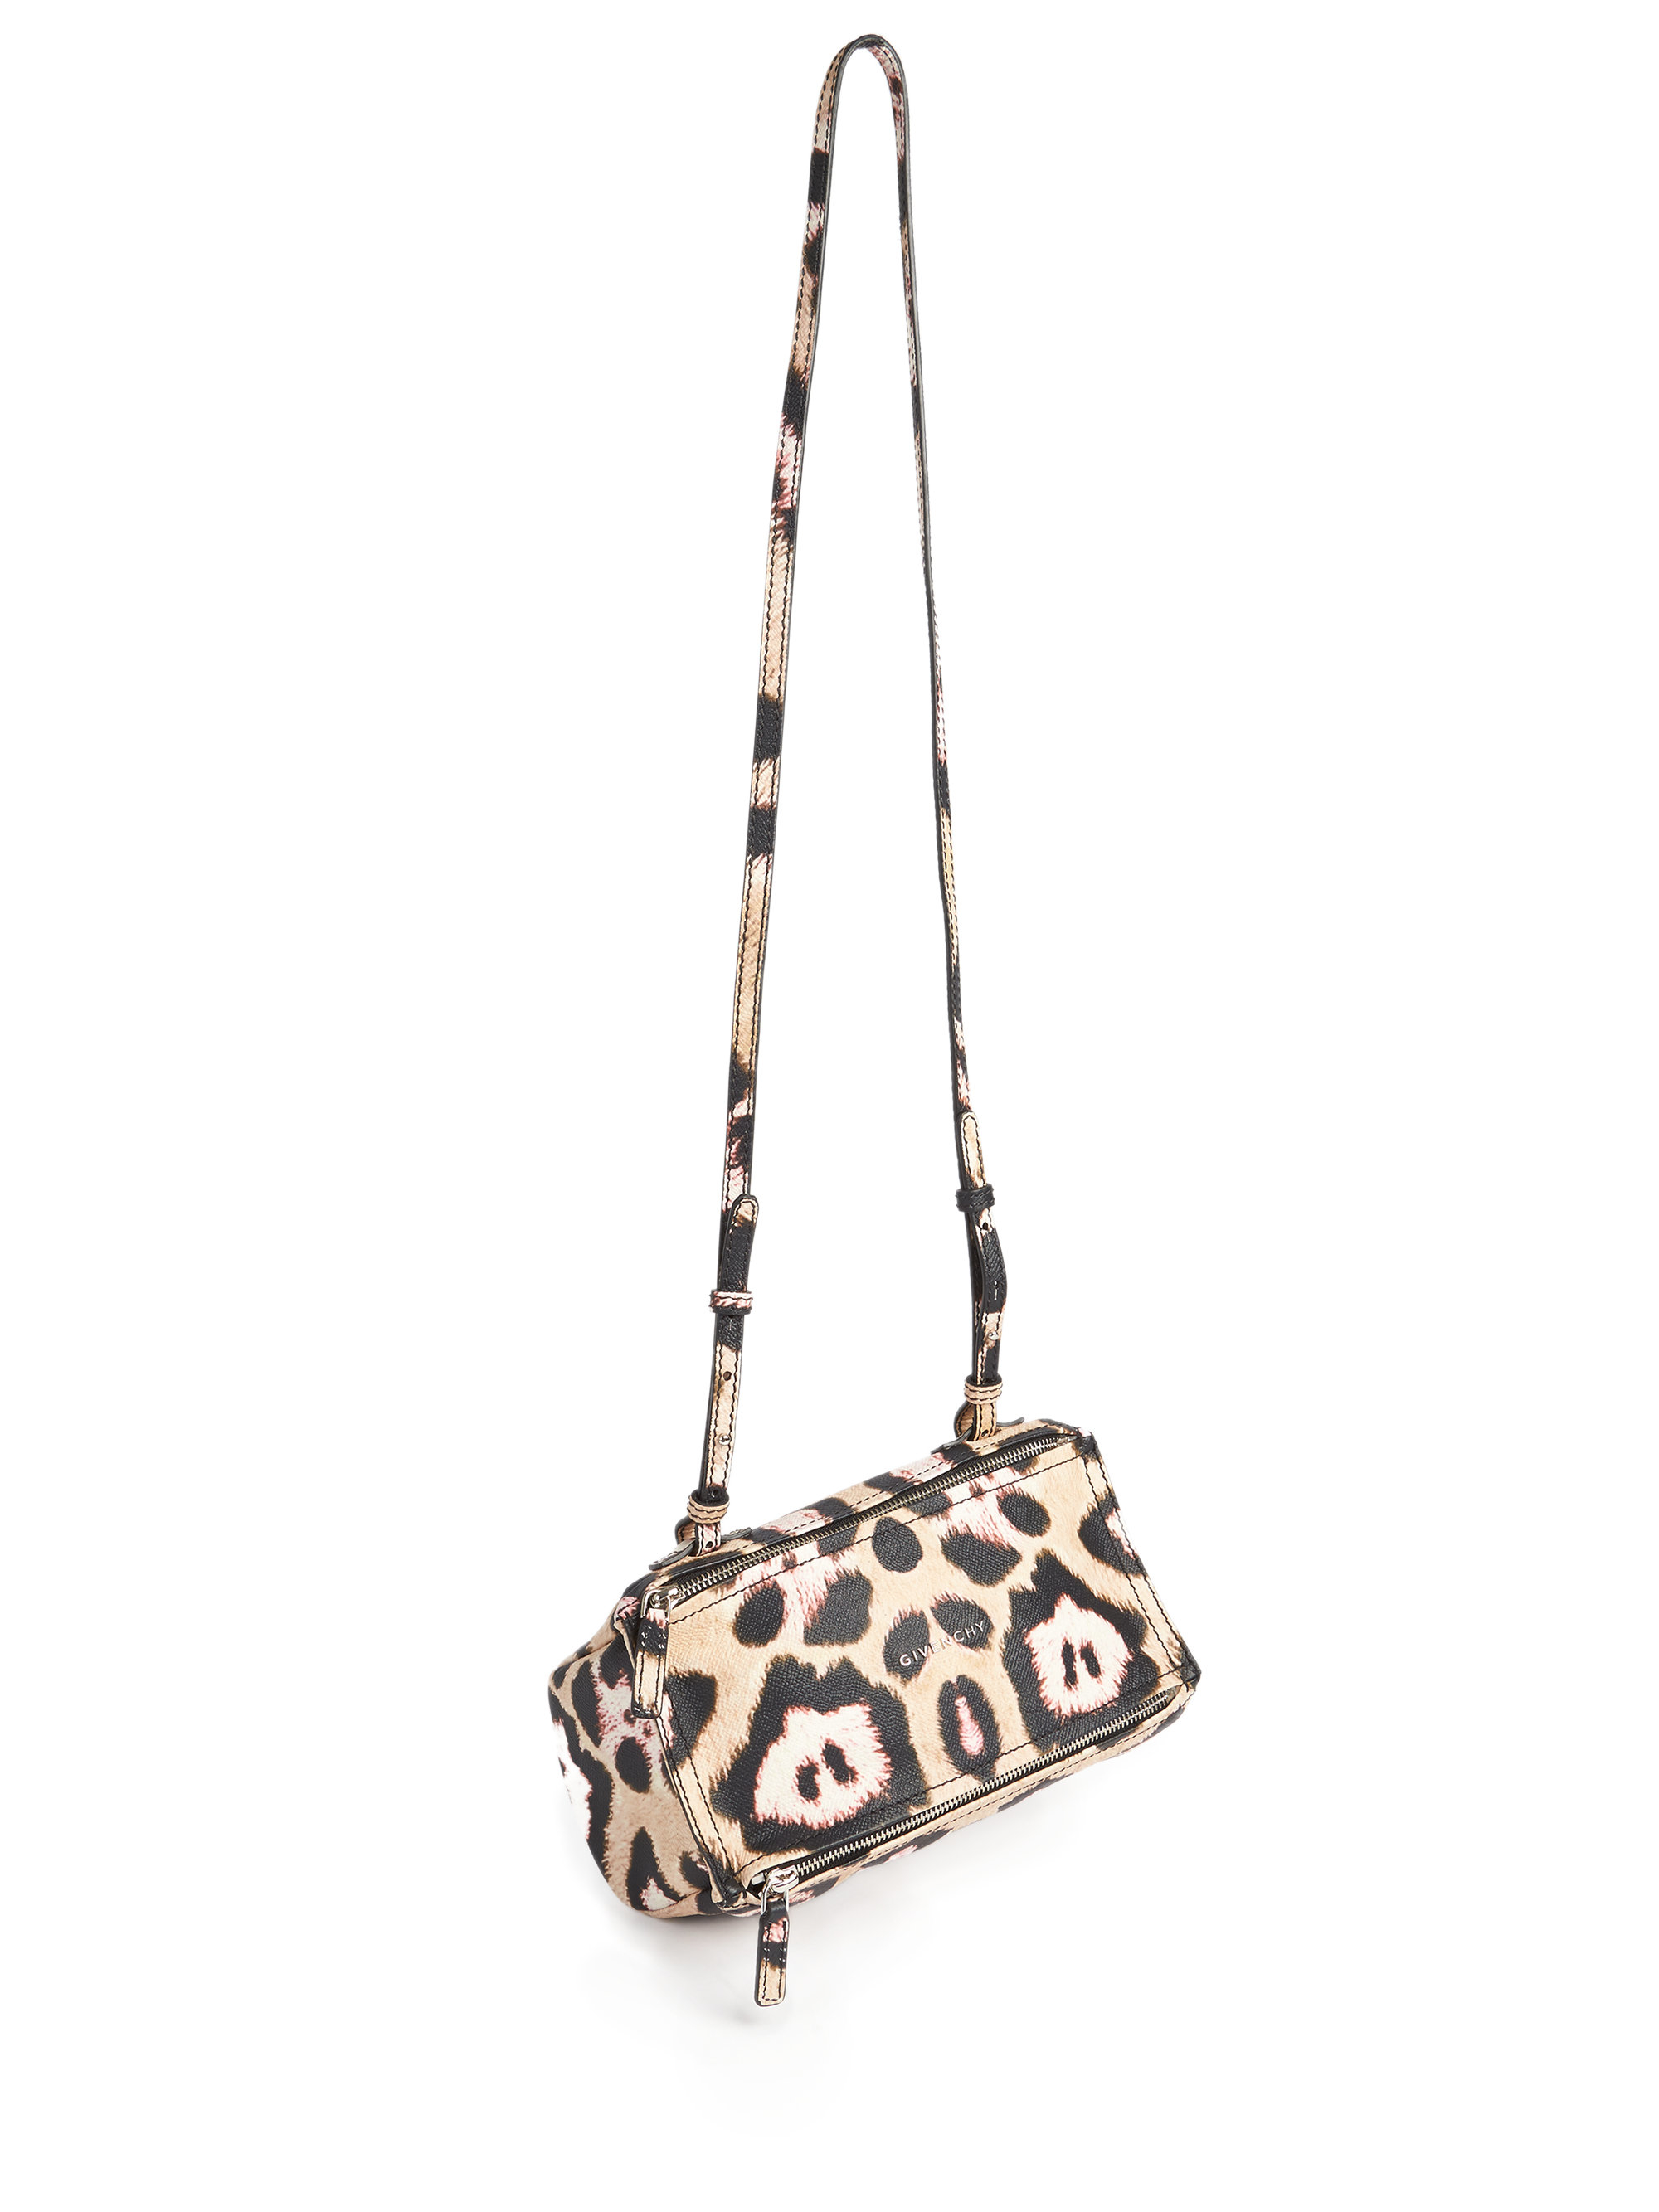 the pandora jaguar enlarged products givenchy women realreal small handbags bag satchels